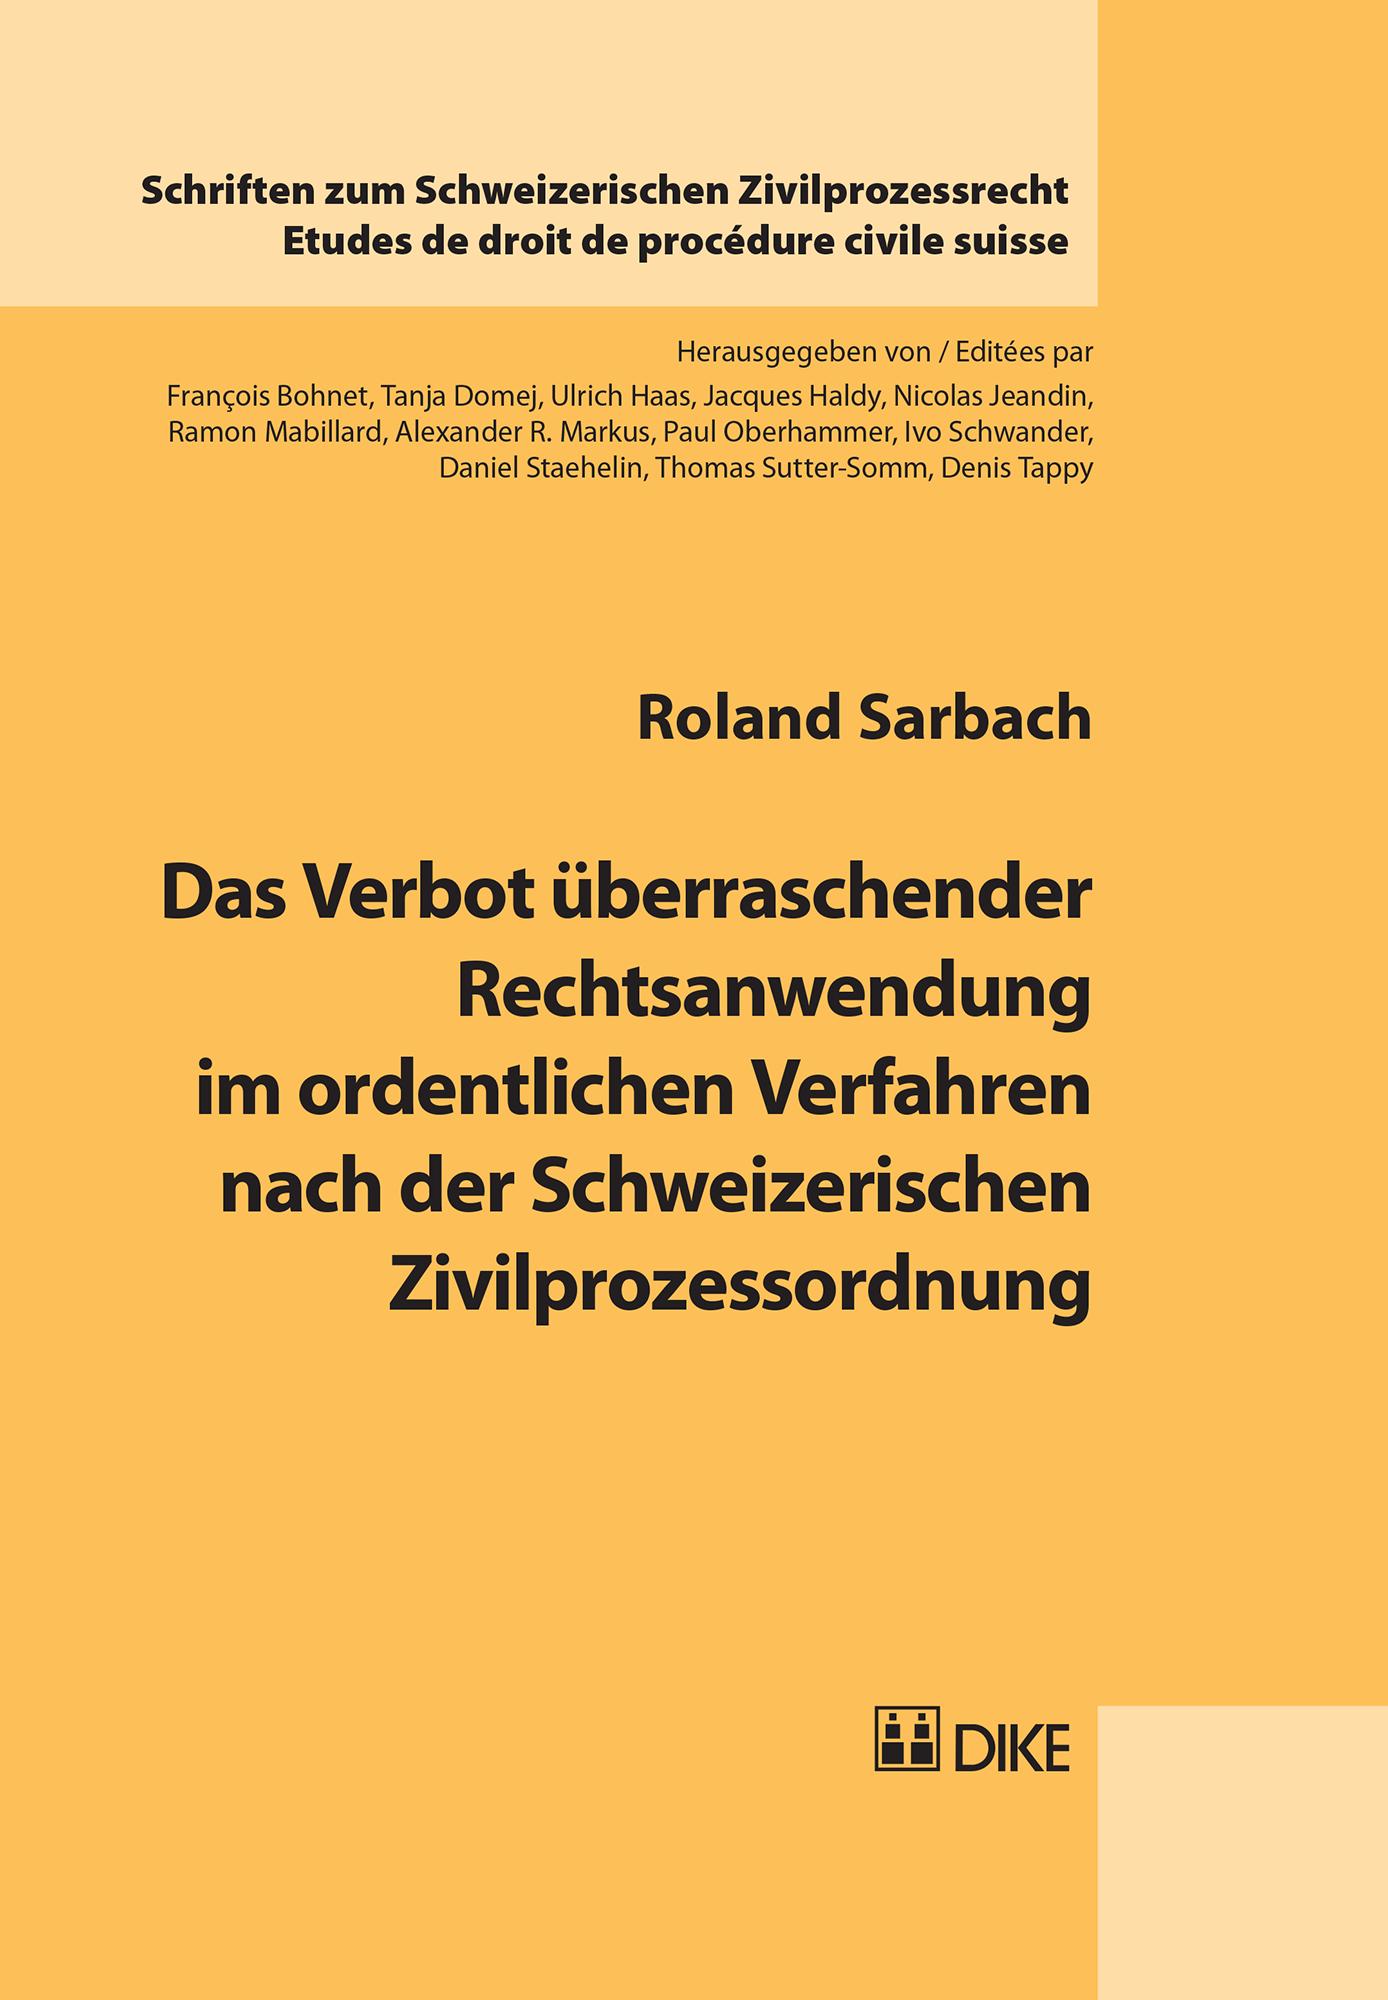 Das Verbot überraschender Rechtsanwendung im ordentlichen Verfahren nach der Schweizerischen Zivilprozessordnung